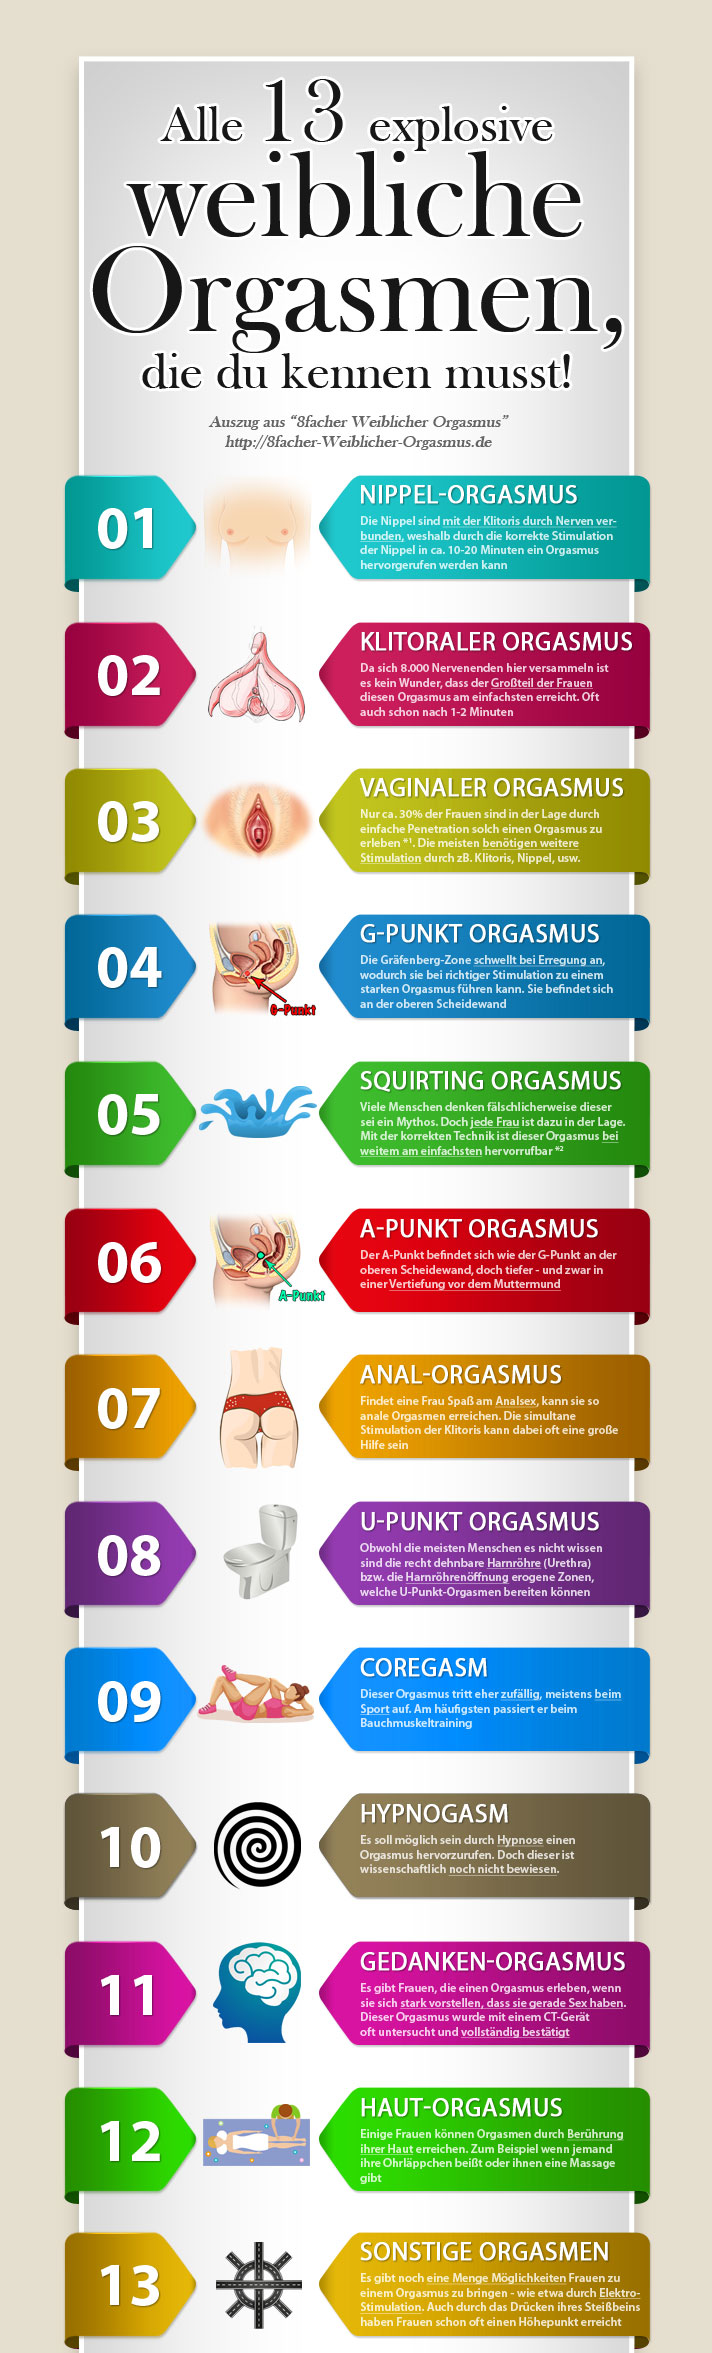 Alle weiblichen Orgasmen - Infografik - Main part